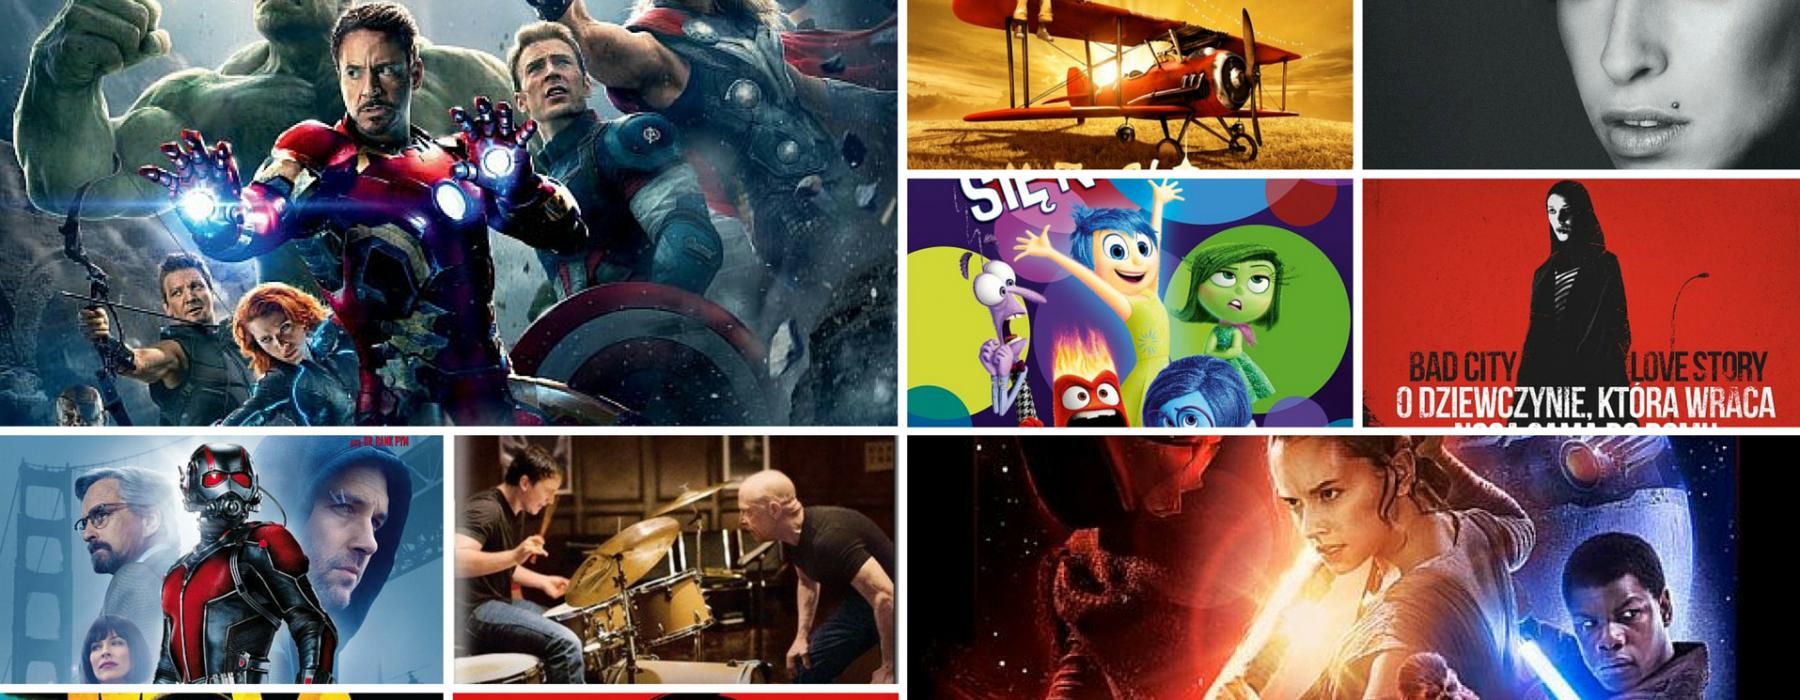 Najlepsze filmy 2015 roku! Zobacz, co koniecznie musisz nadrobić